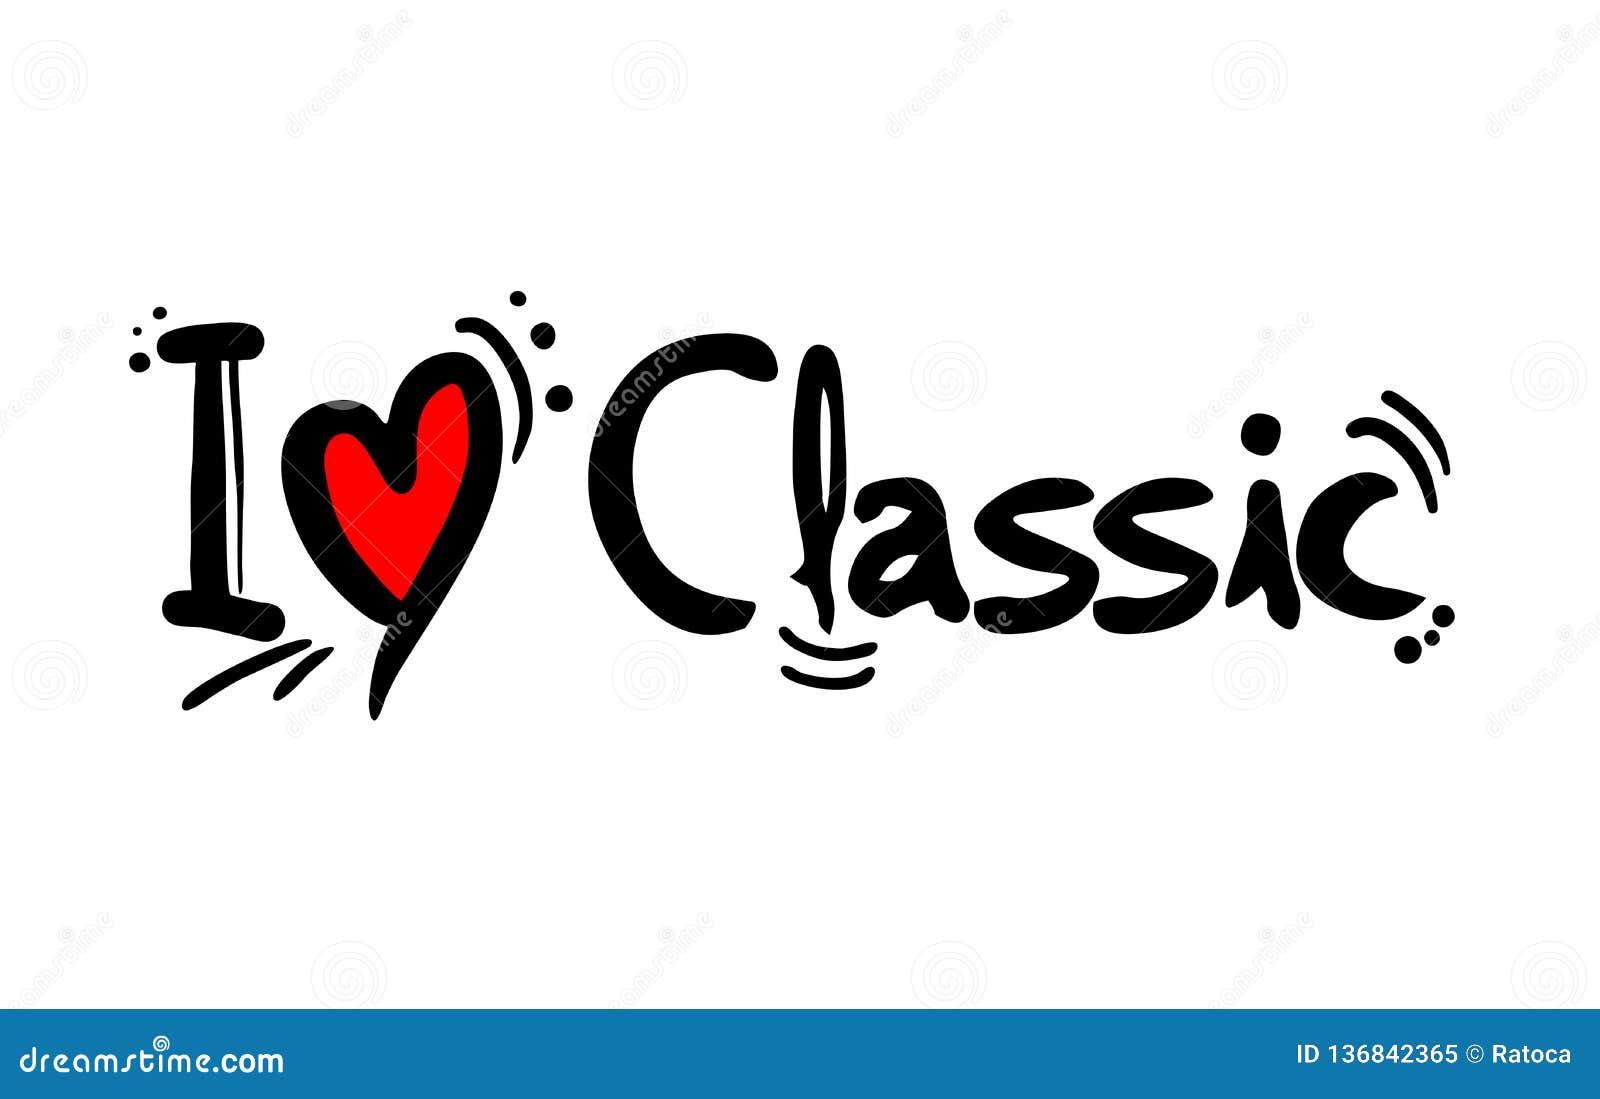 Amor clássico da música